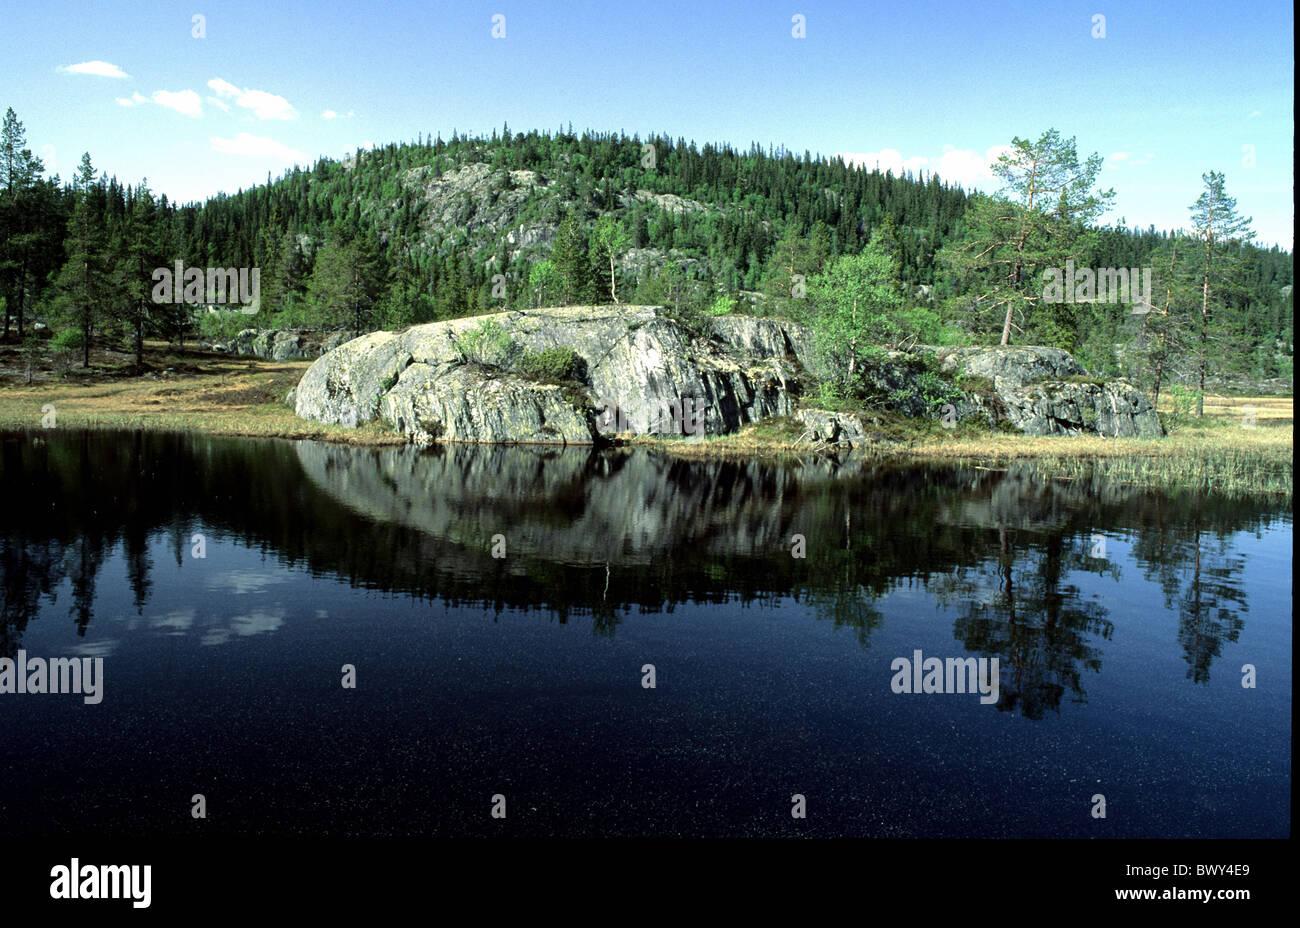 Près de Amot rocher paysage plan d'eau de l'Europe Norvège telemark réflexion Banque D'Images